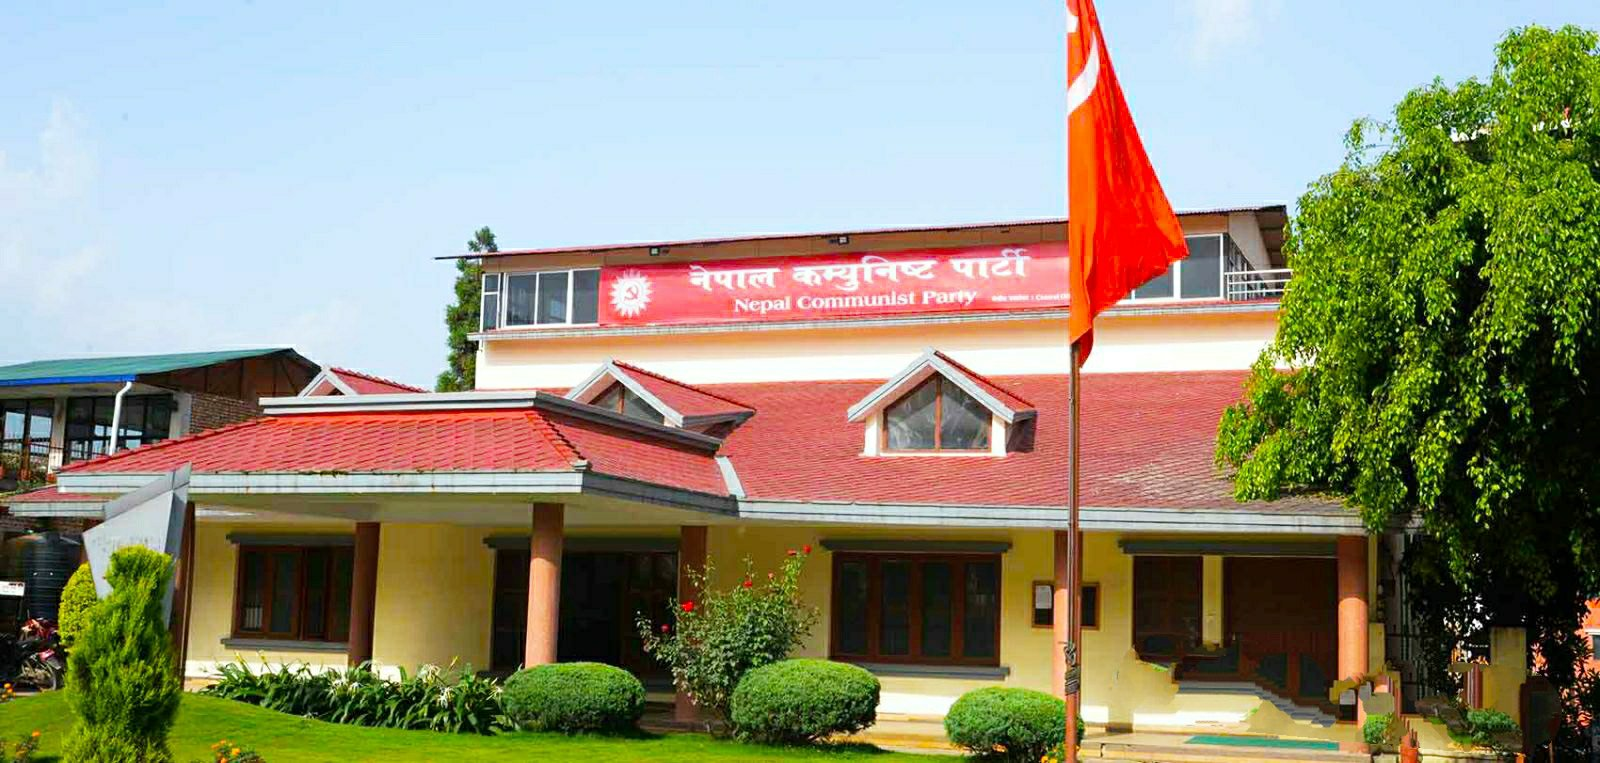 सत्तारूढ नेपाल कम्युनिस्ट पार्टी ...